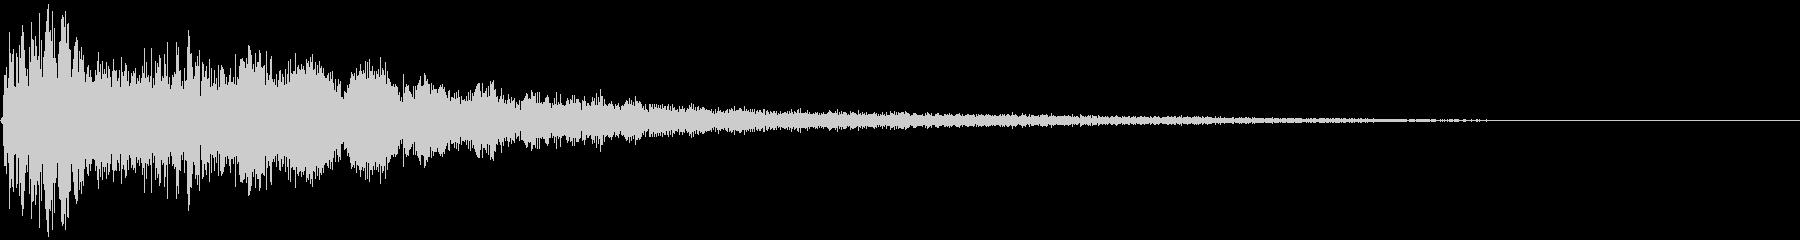 【ホラー】シーン転換_11 ベル音の未再生の波形